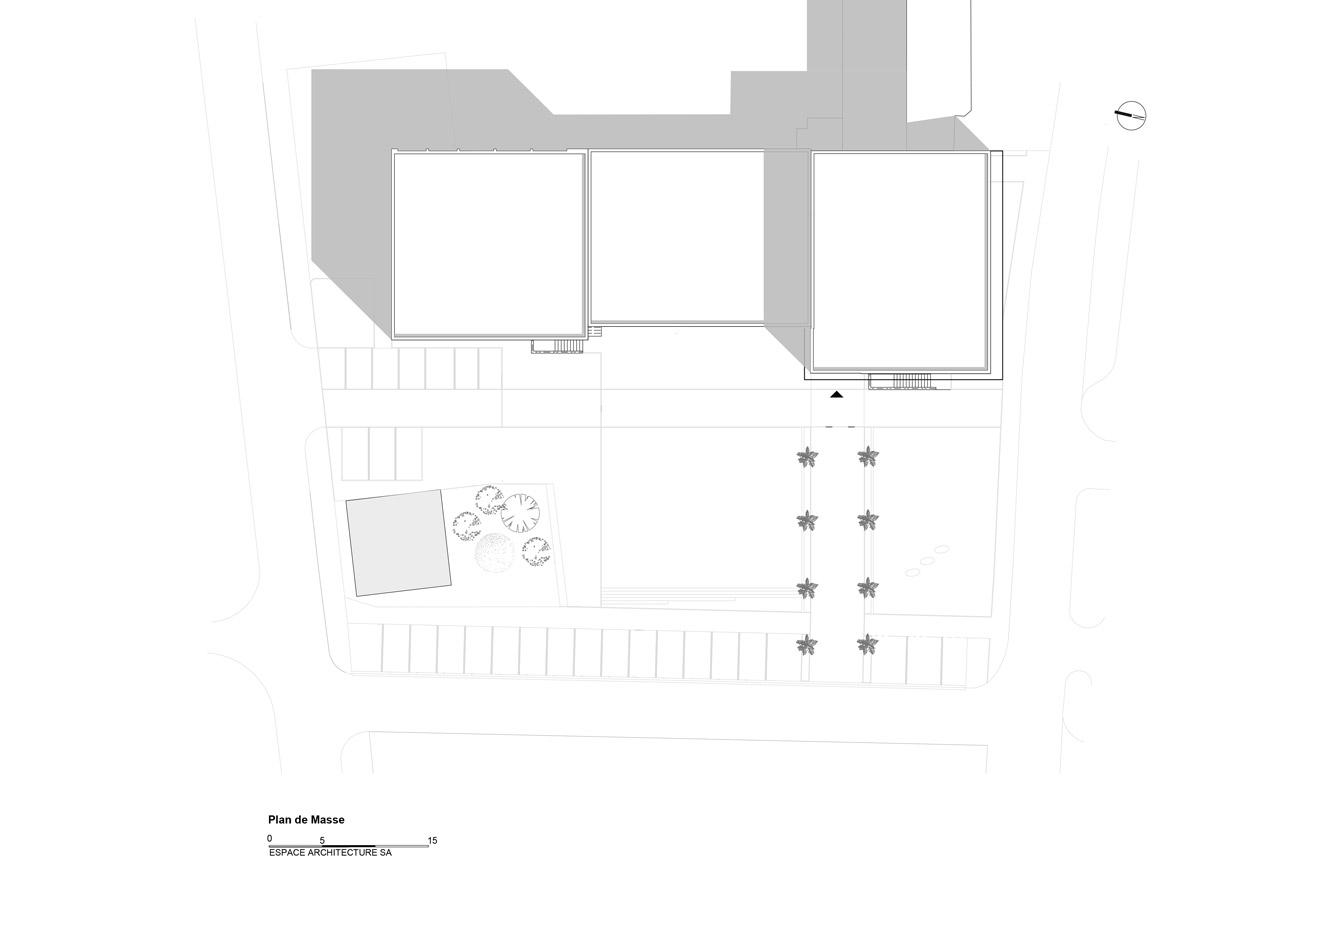 Mediatheque-Freyming_Plan-masse